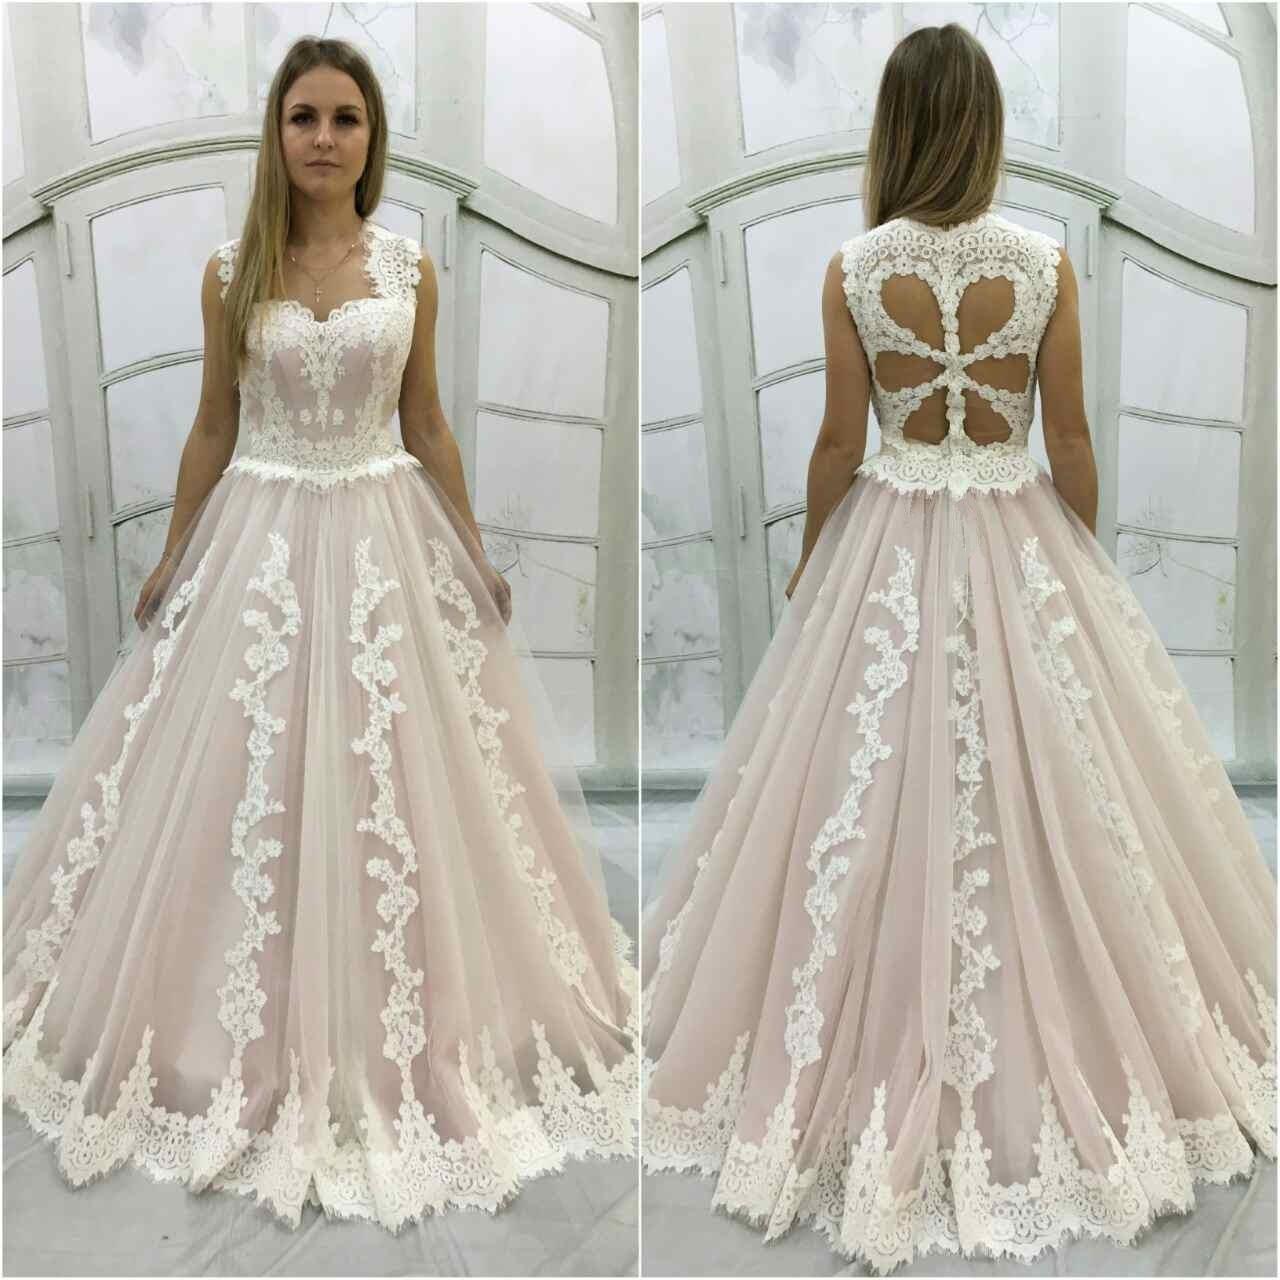 Erfreut Erröten Farbige Hochzeitskleider Bilder - Brautkleider Ideen ...